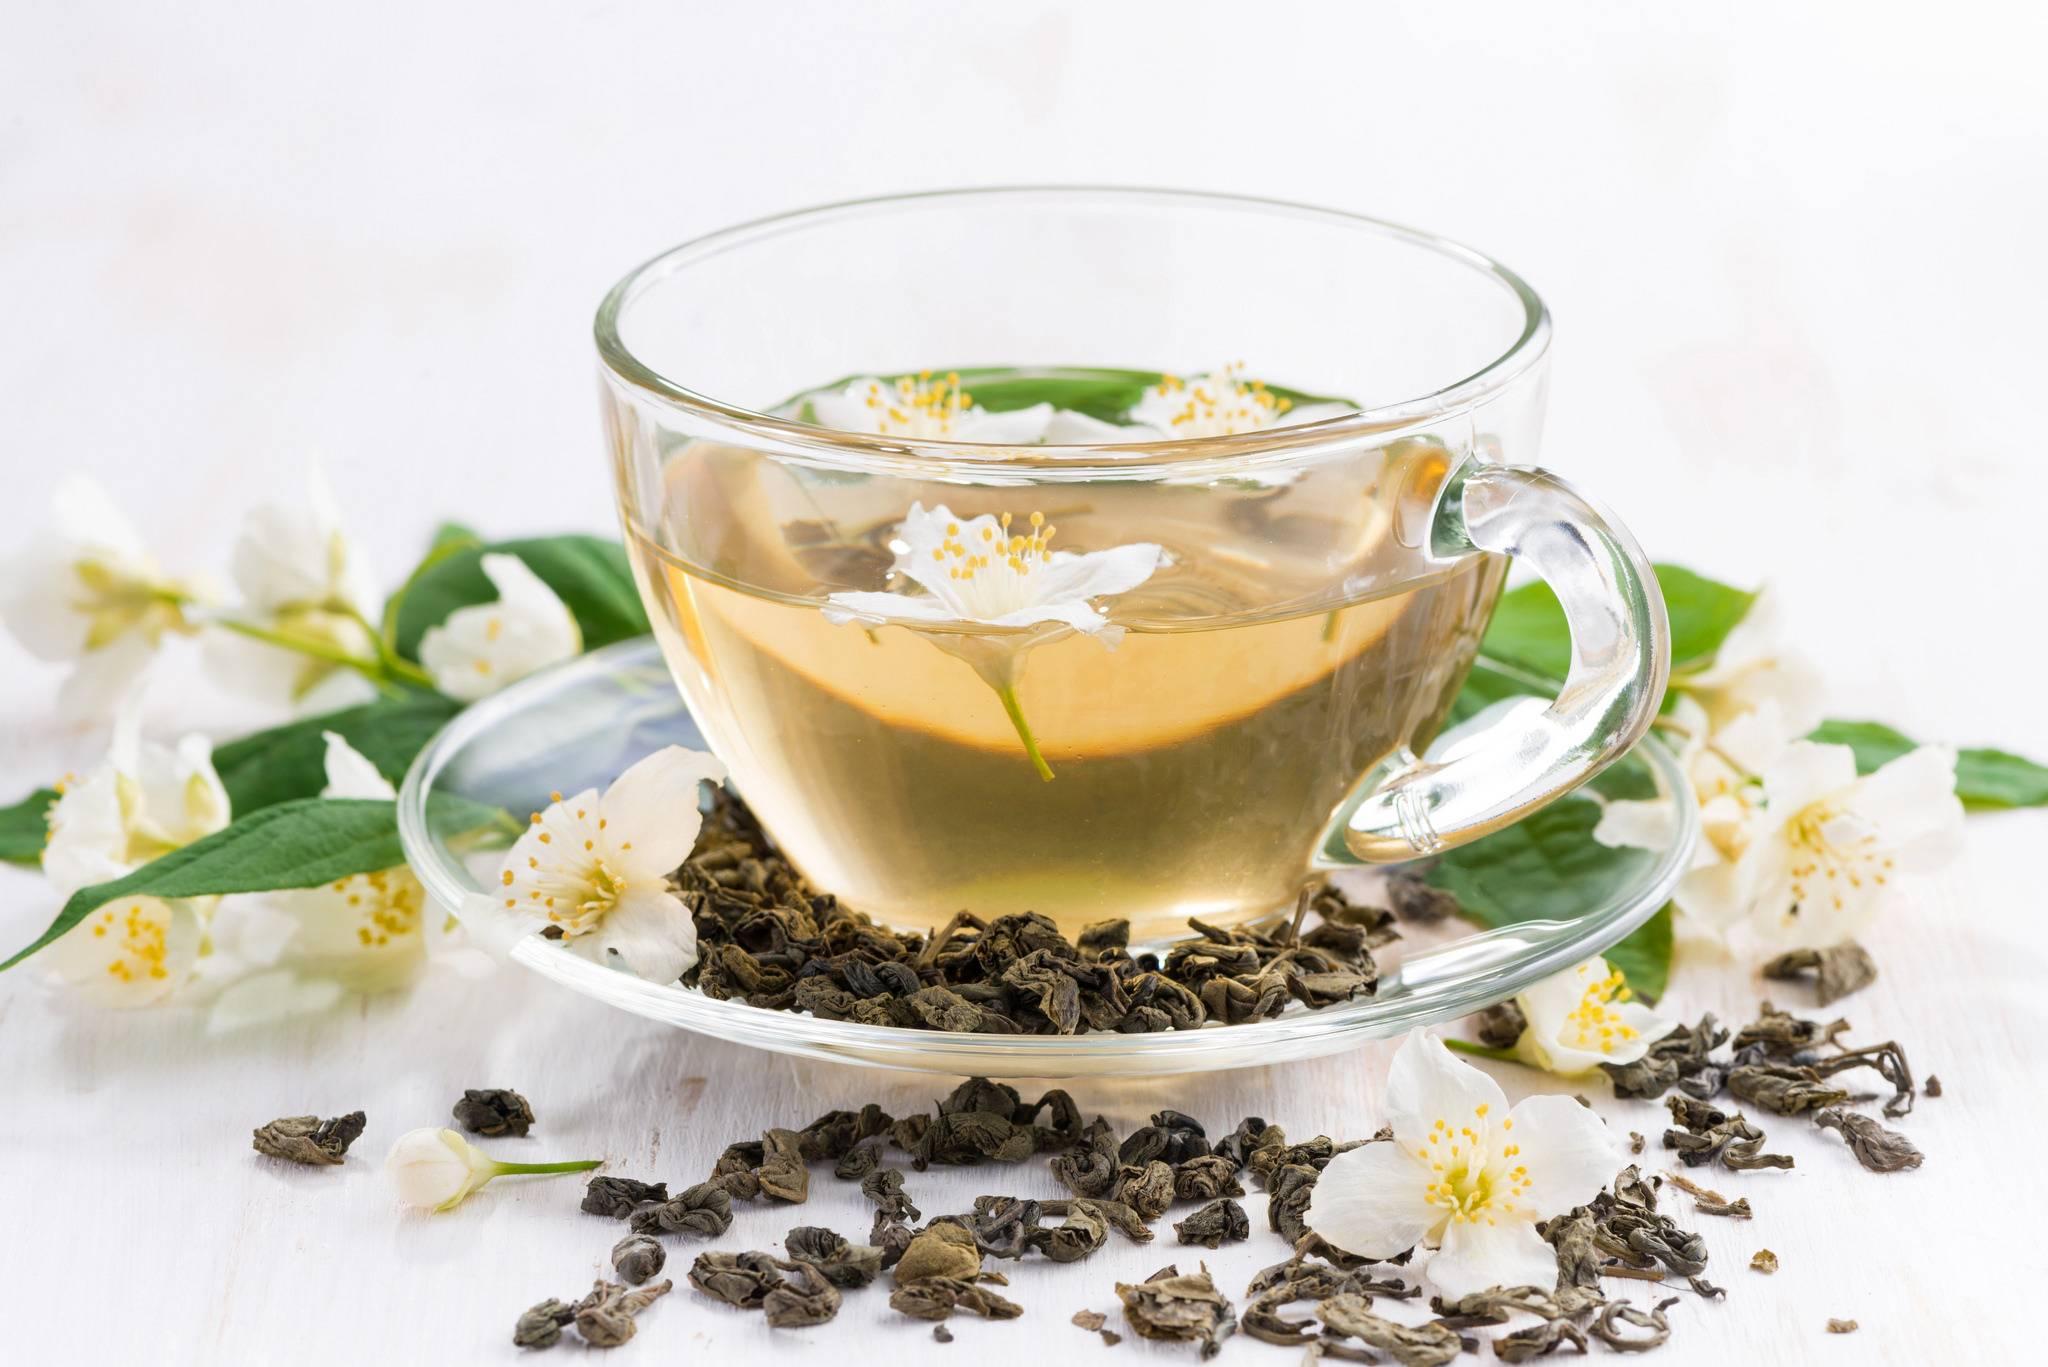 Жасминовый чай: польза и вред зеленого чая с жасмином, свойства, как заваривать